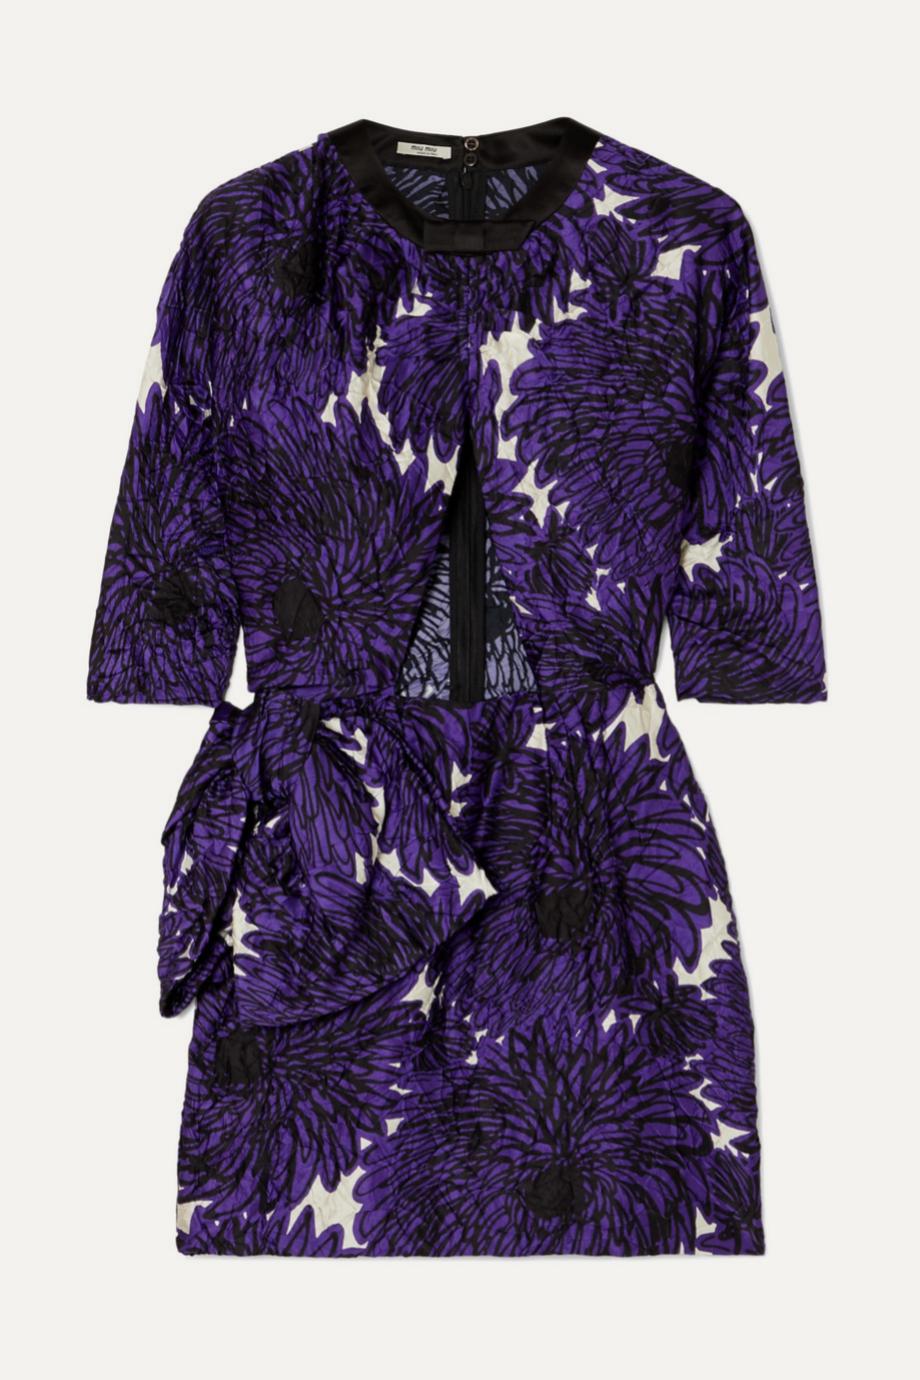 Vestido estampado con cut outs de Miu Miu para Net a porter (c.p.v)